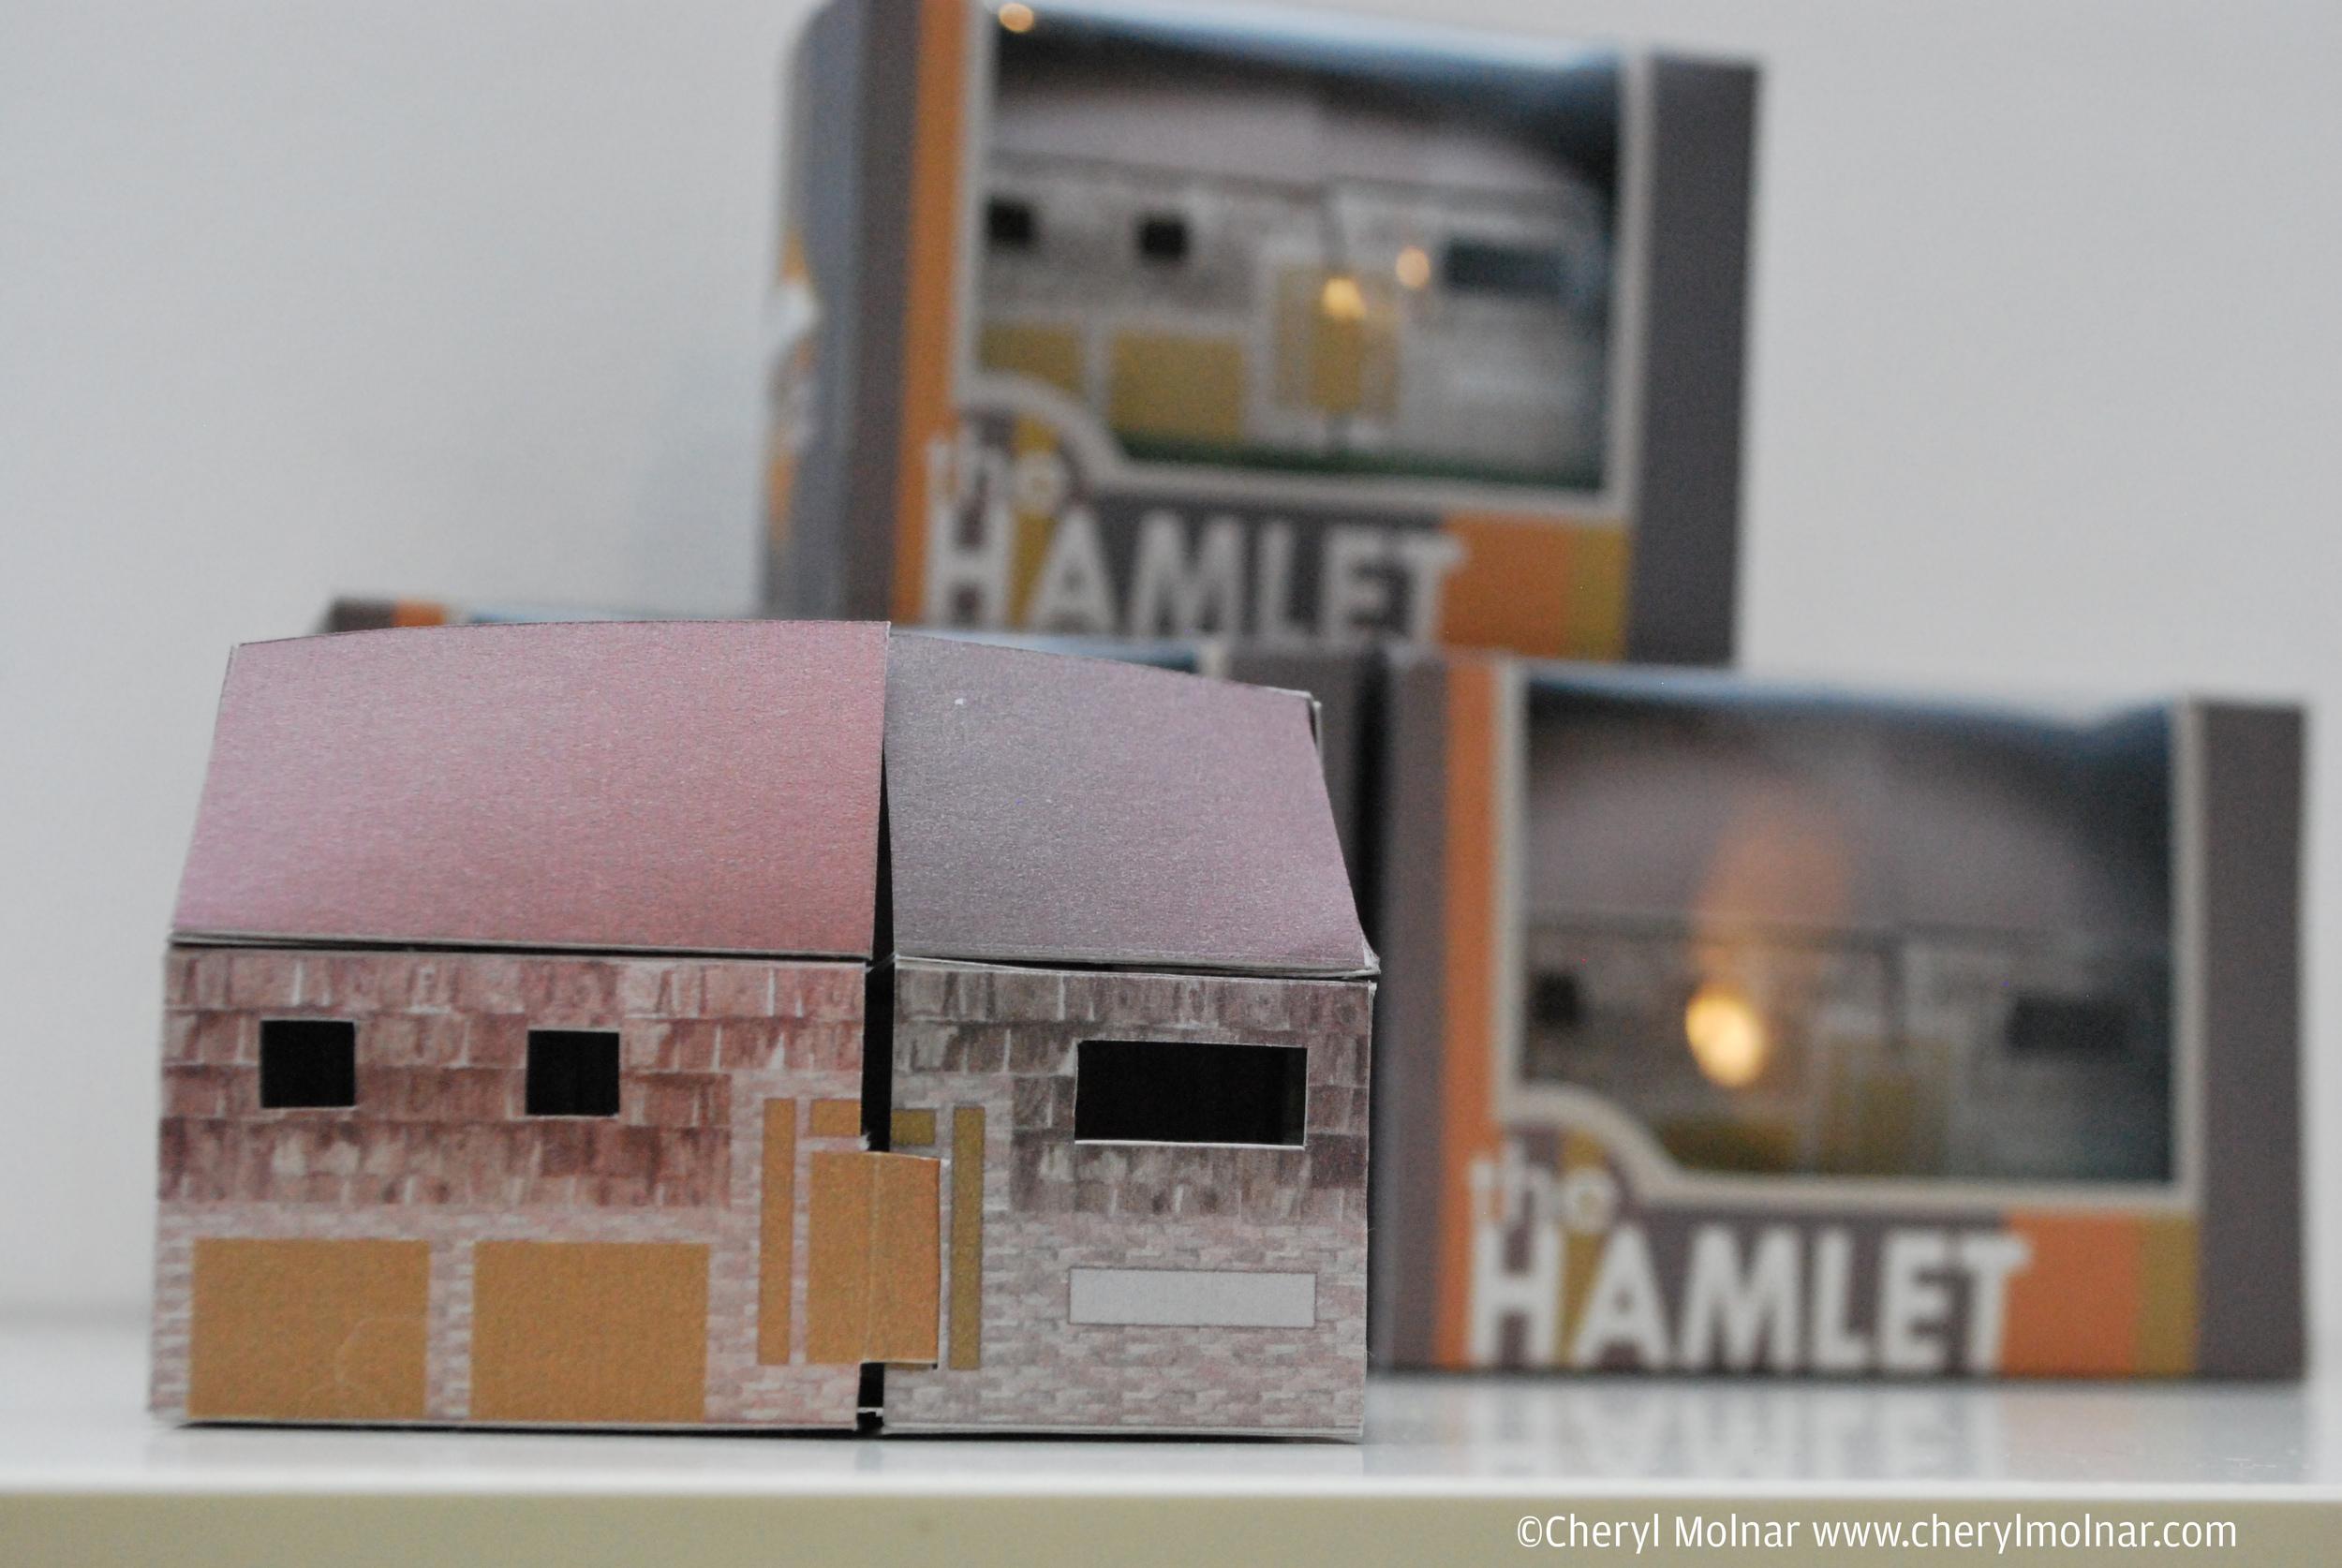 Molnar_Hamlet.JPG